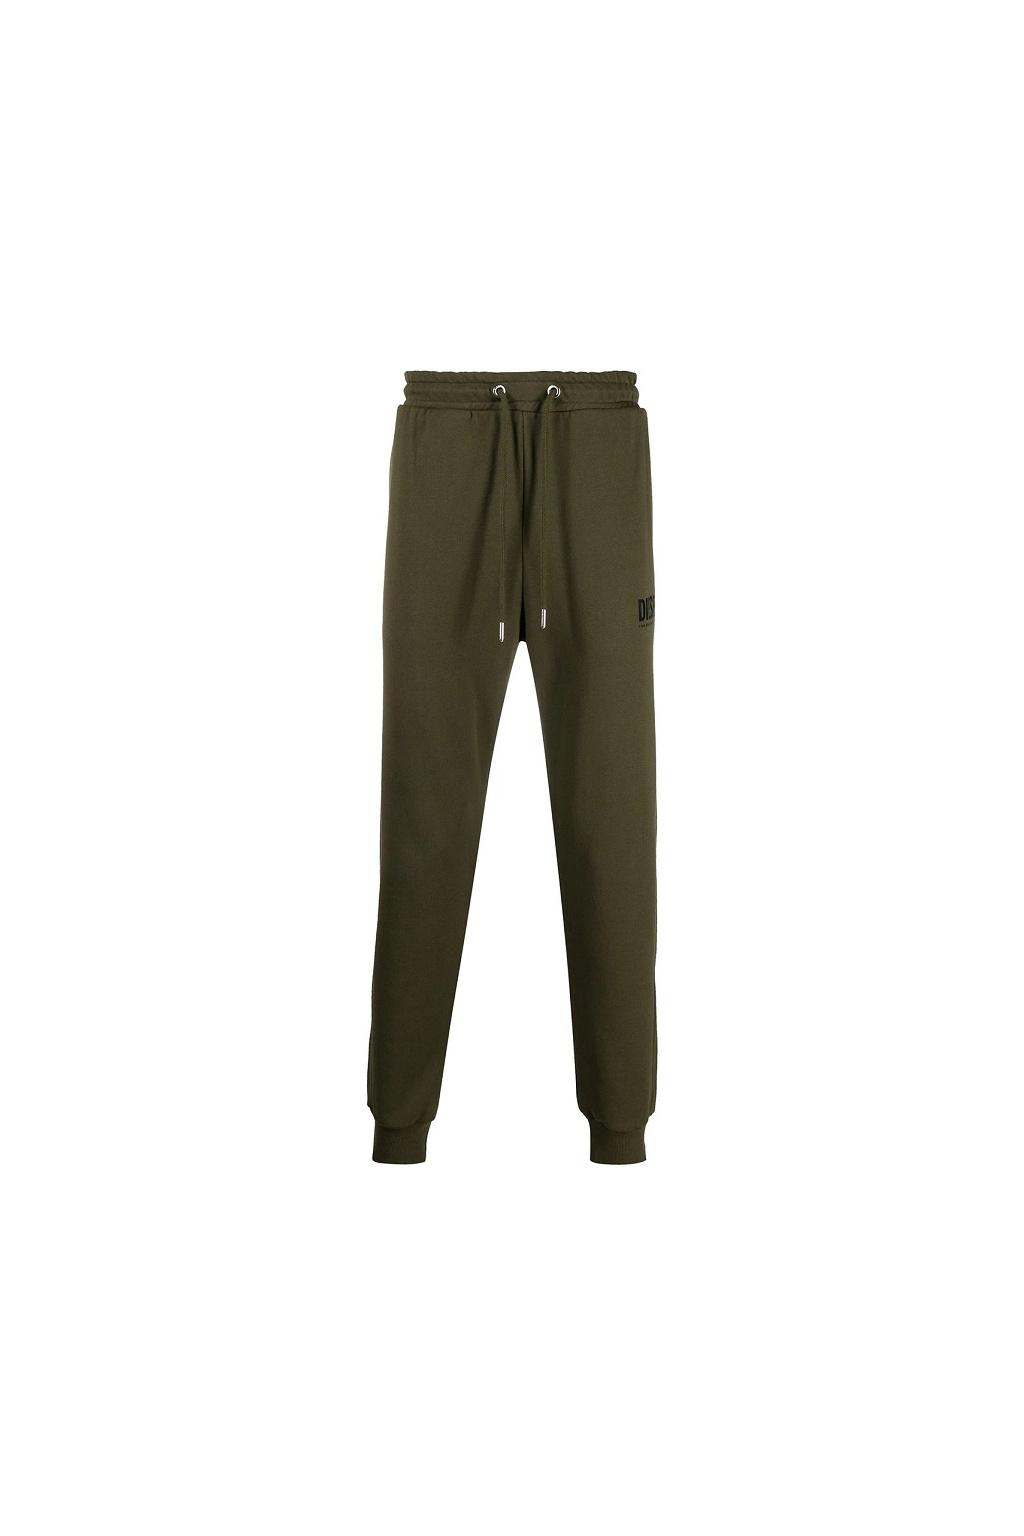 Pánské teplákové kalhoty Diesel P Tary Logo zelené